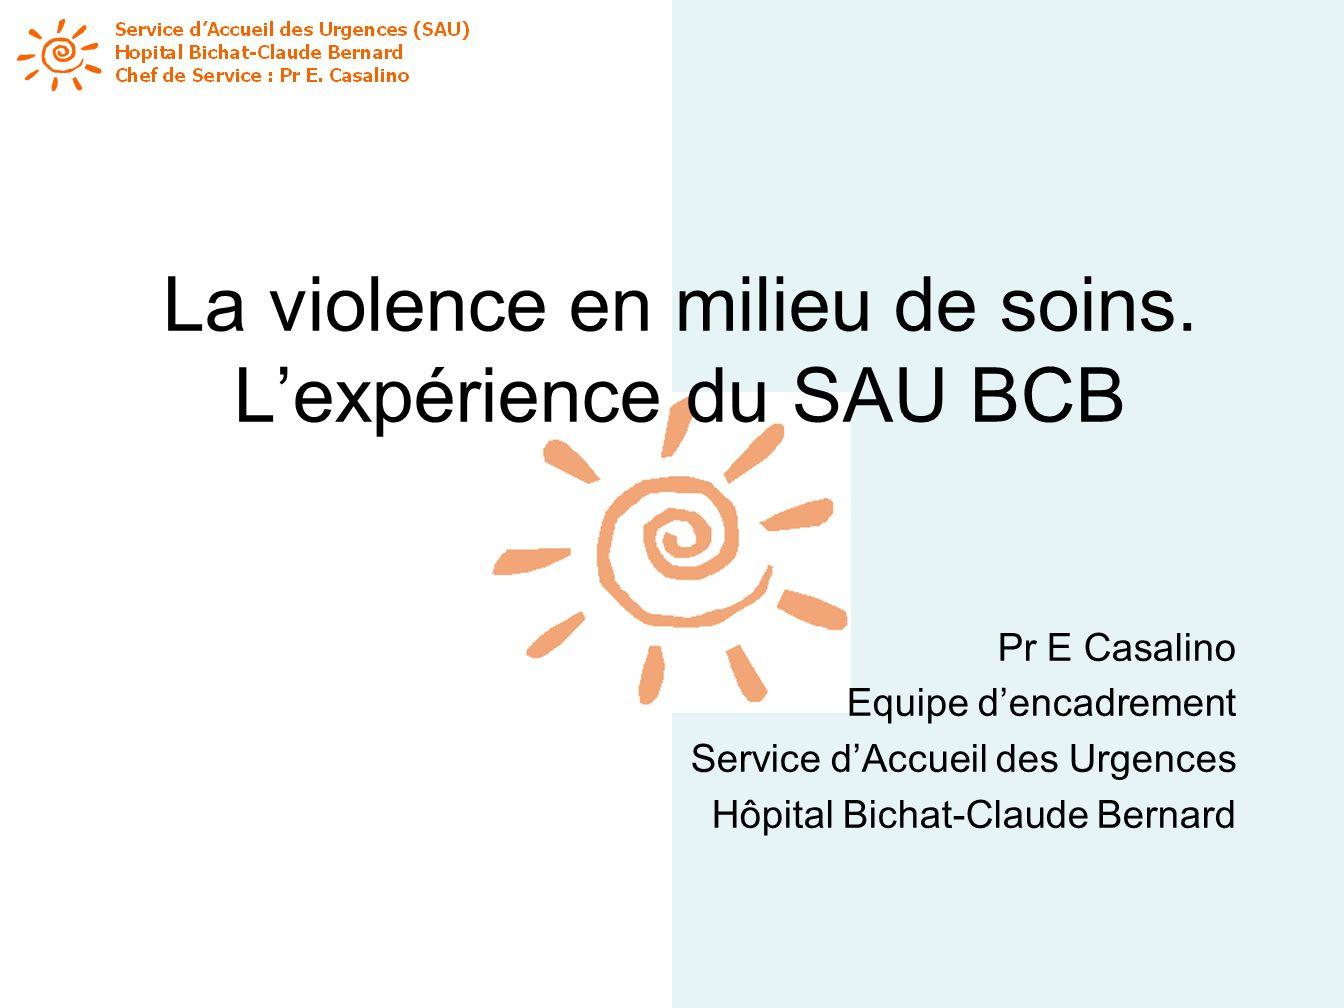 La violence en milieu de soins. Lexpérience du SAU BCB Pr E Casalino Equipe dencadrement Service dAccueil des Urgences Hôpital Bichat-Claude Bernard